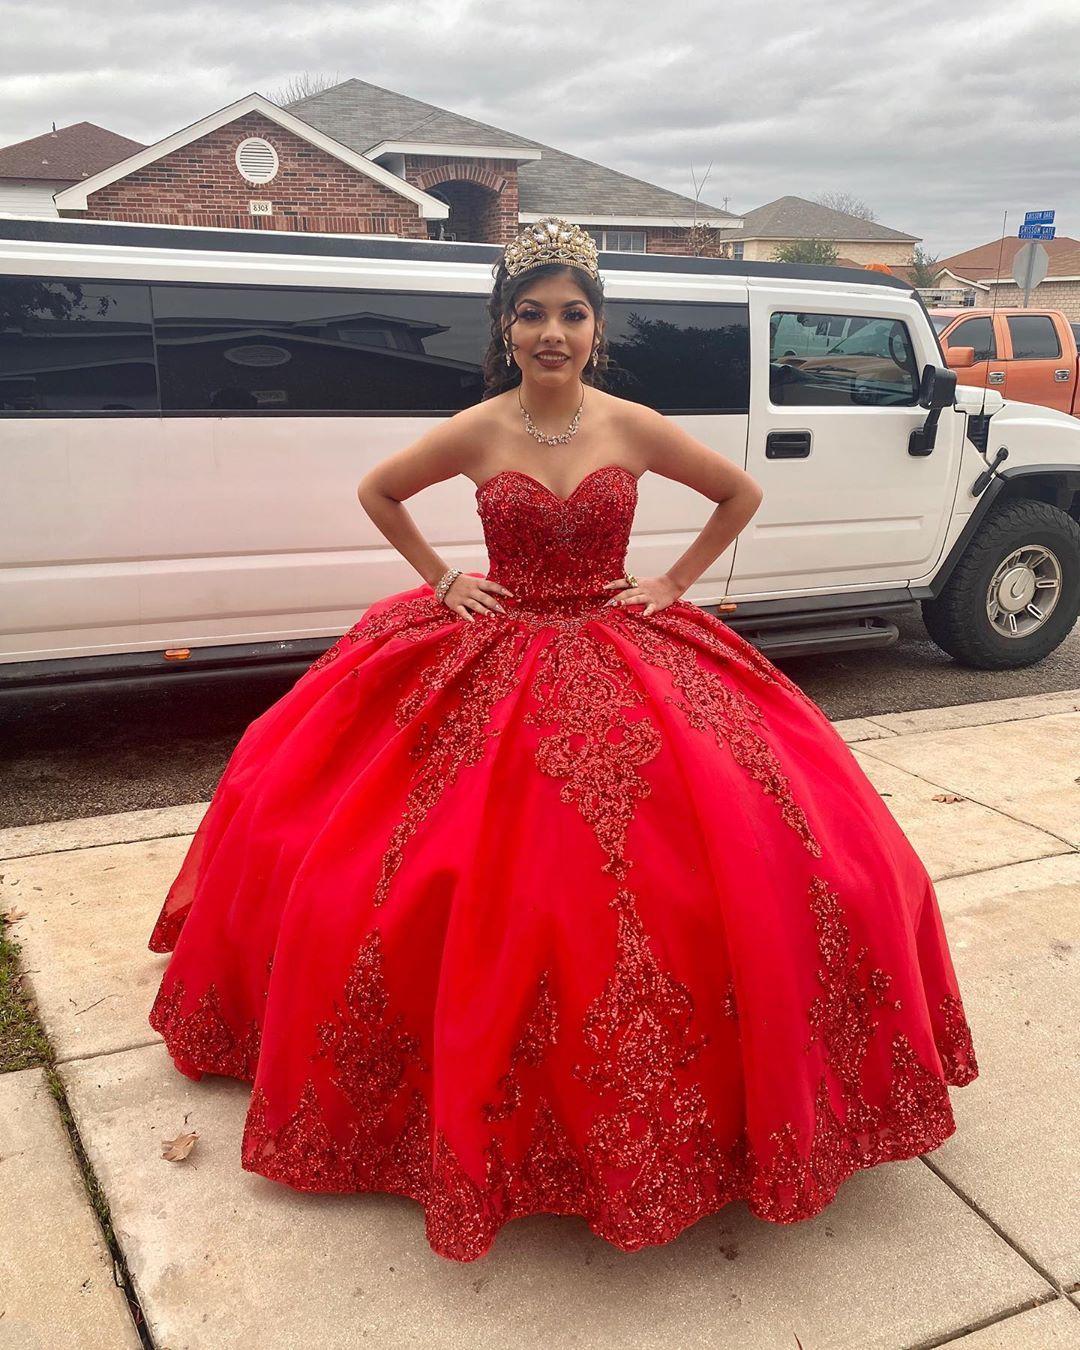 Ricarlo The Suite Xv On Instagram Portando Su Primer Vestido Asi Luce Nuestra Hermosa Quinceane Quince Dresses 15 Dresses Quinceanera Quinceanera Dresses [ 1350 x 1080 Pixel ]